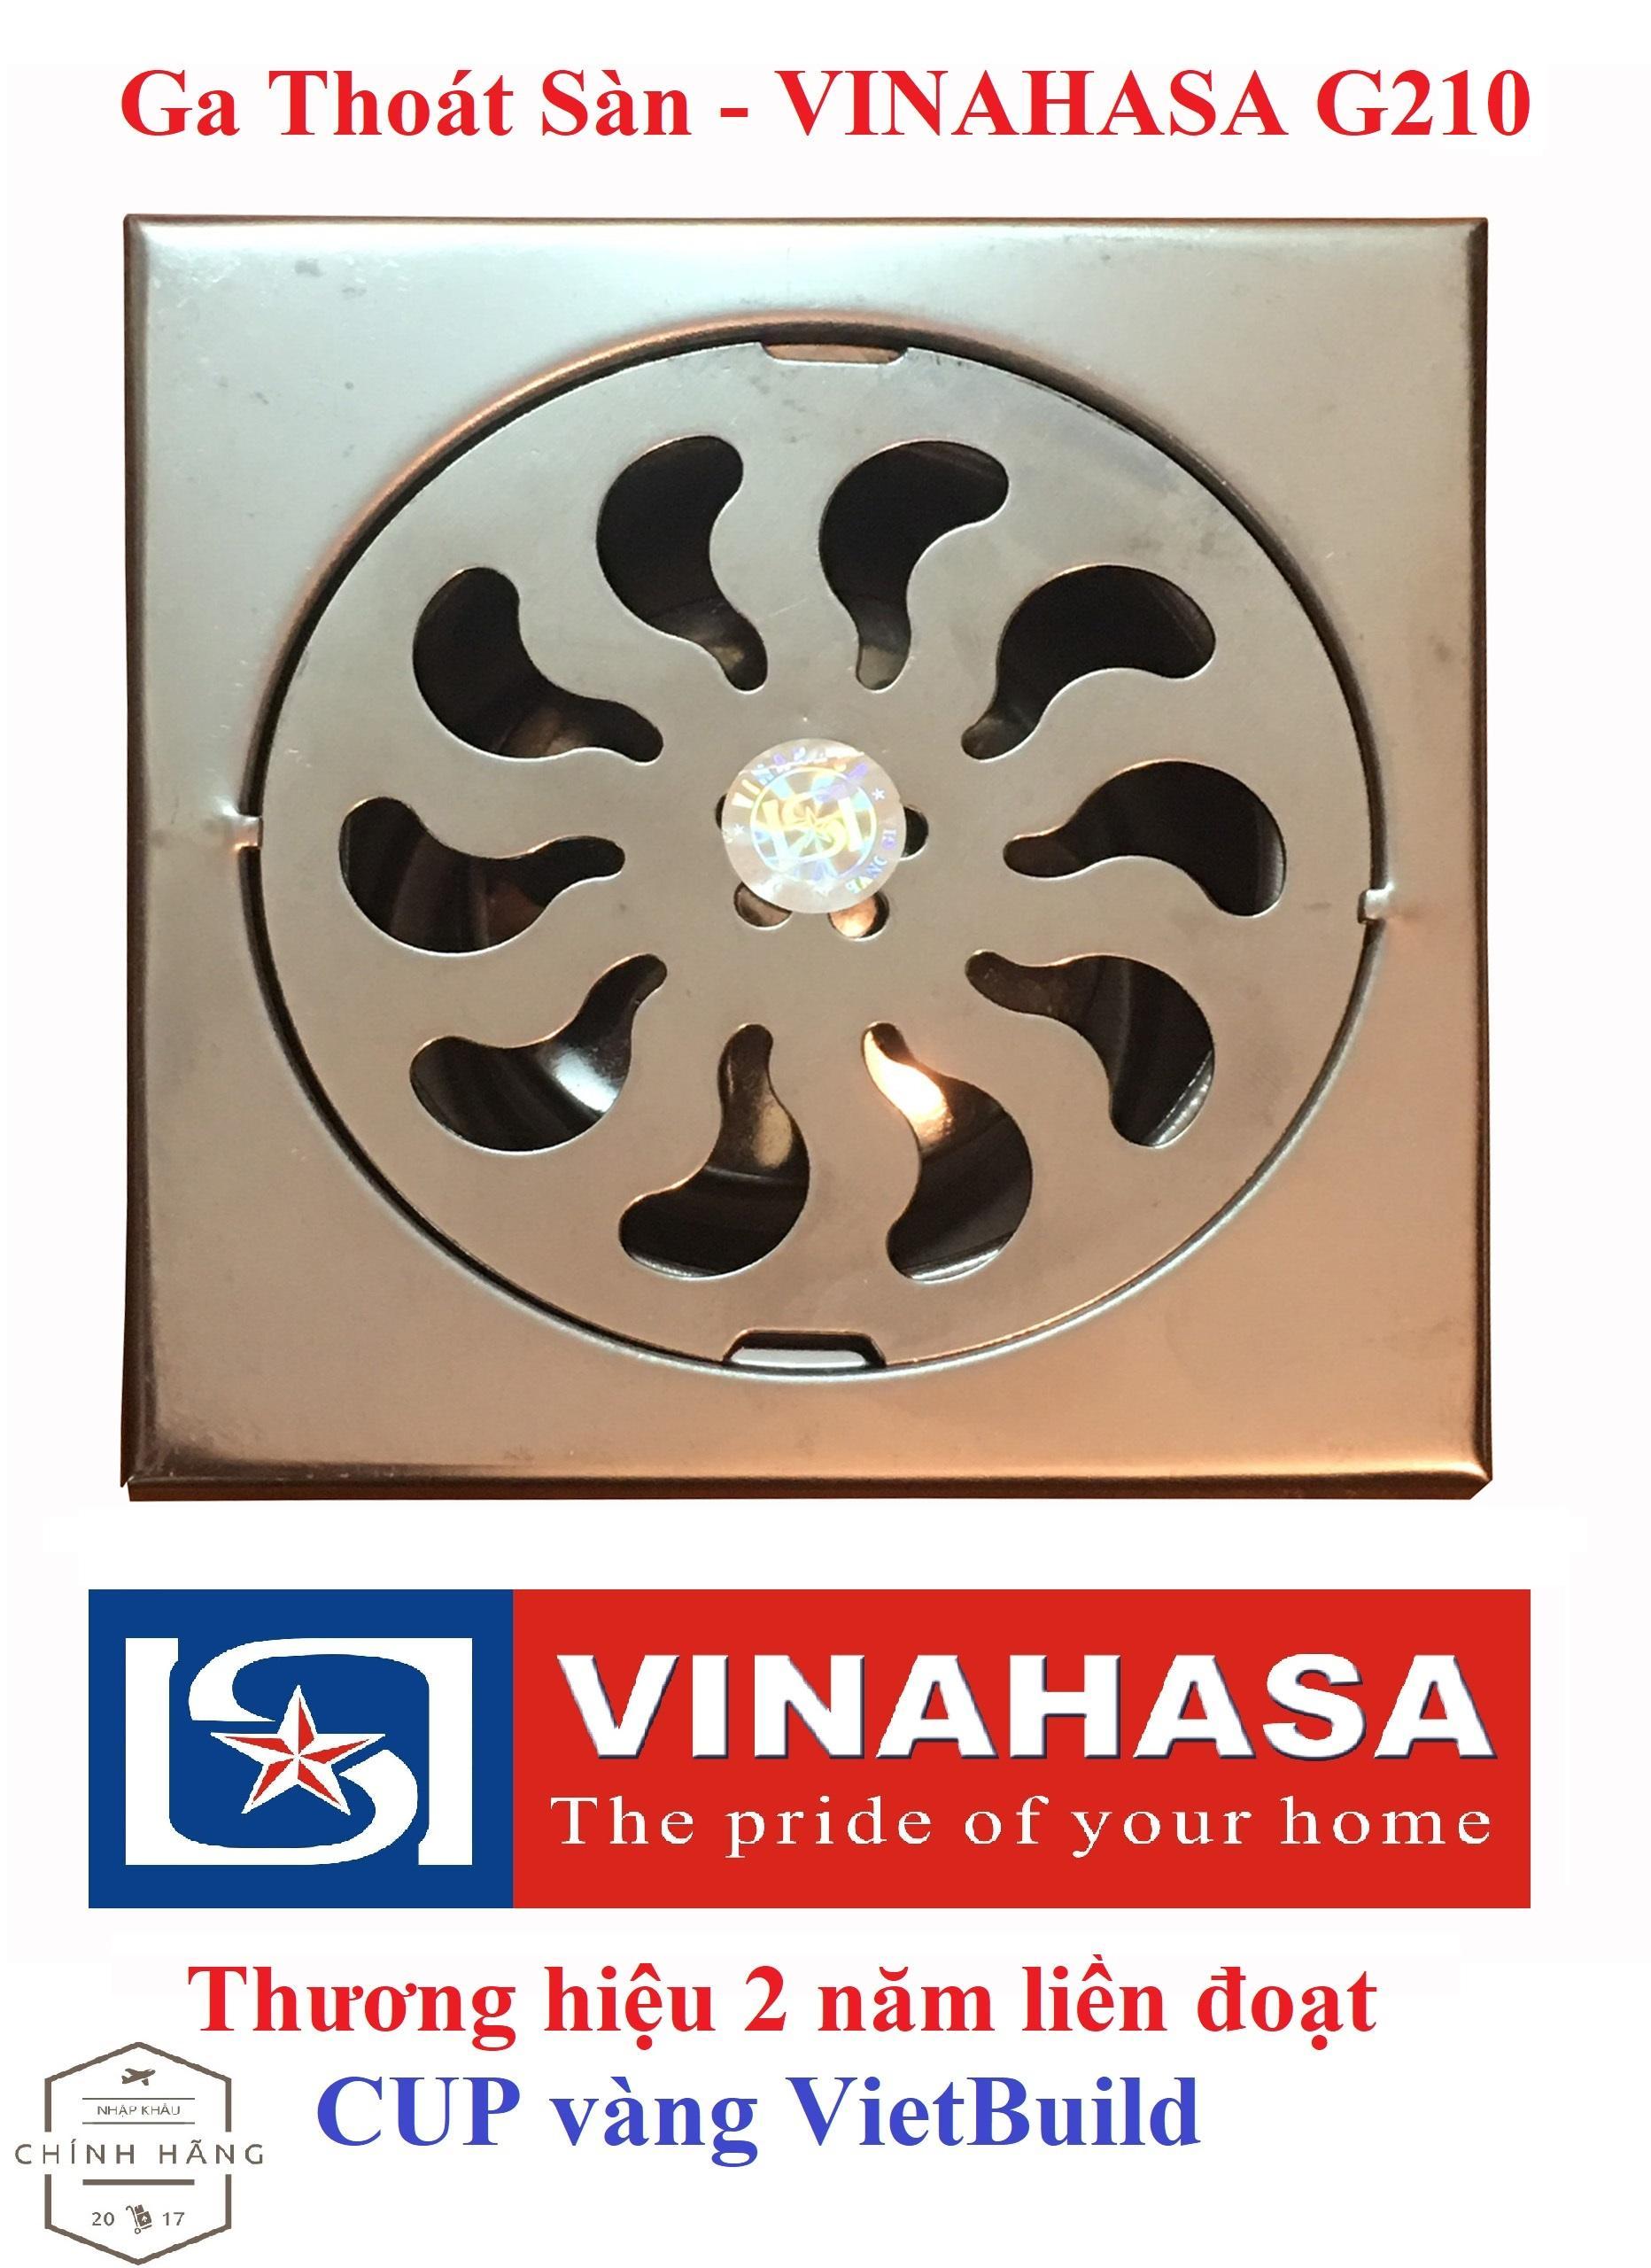 Ga thoát sàn – phễu thoát sàn INOX Vinahasa 15x15cm Phi 110mm Chống Hôi – Lọc Rác 2 lớp hiệu quả G210 (Bảo hành 12 tháng – 1 đổi 1 trong 7 ngày)